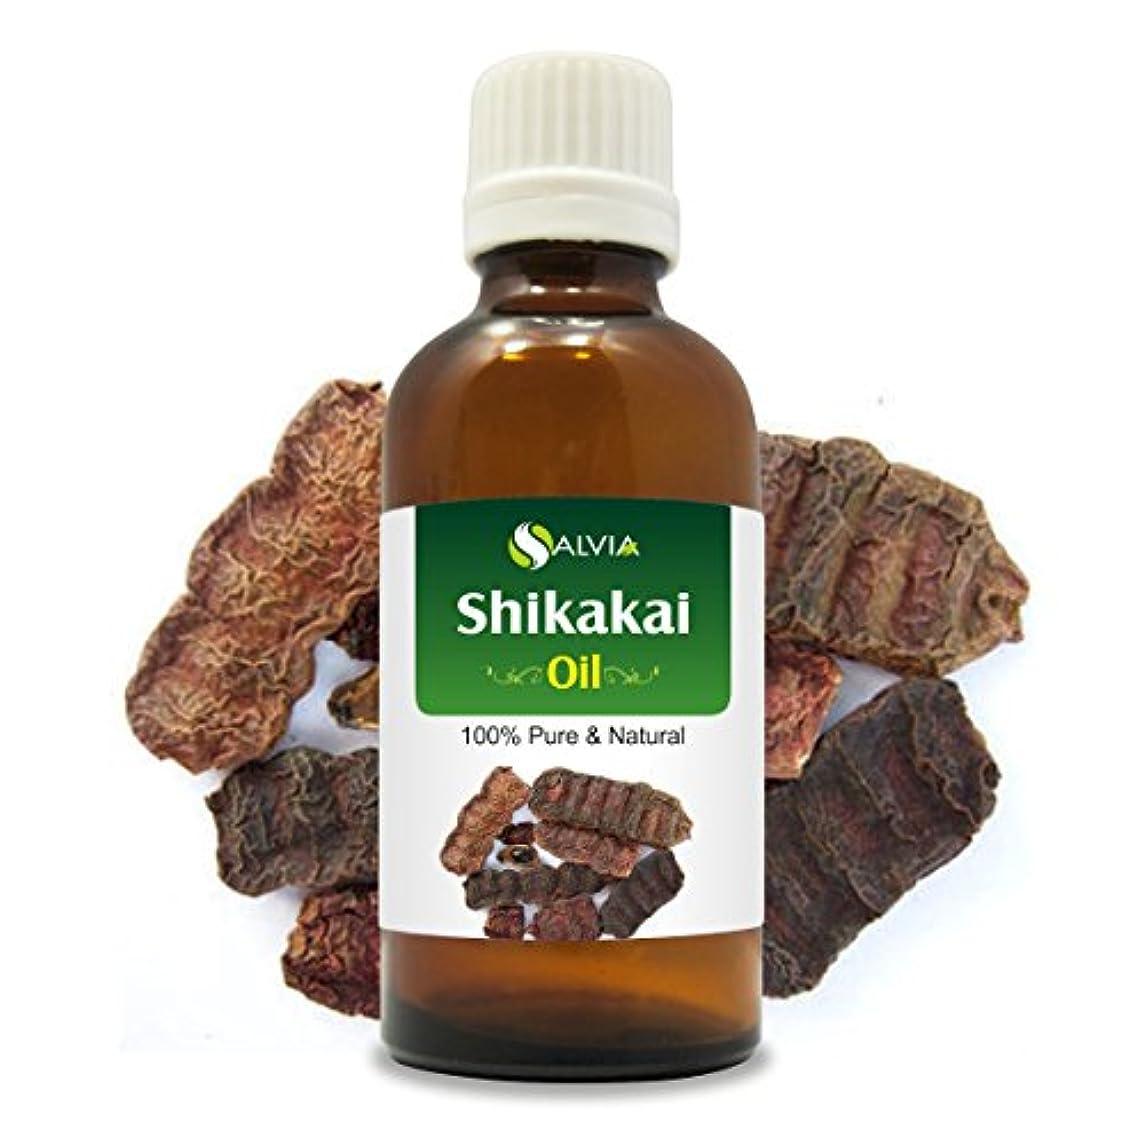 荒れ地入るシャーSHIKAKAI OIL 100% NATURAL PURE UNDILUTED UNCUT OIL 30ML